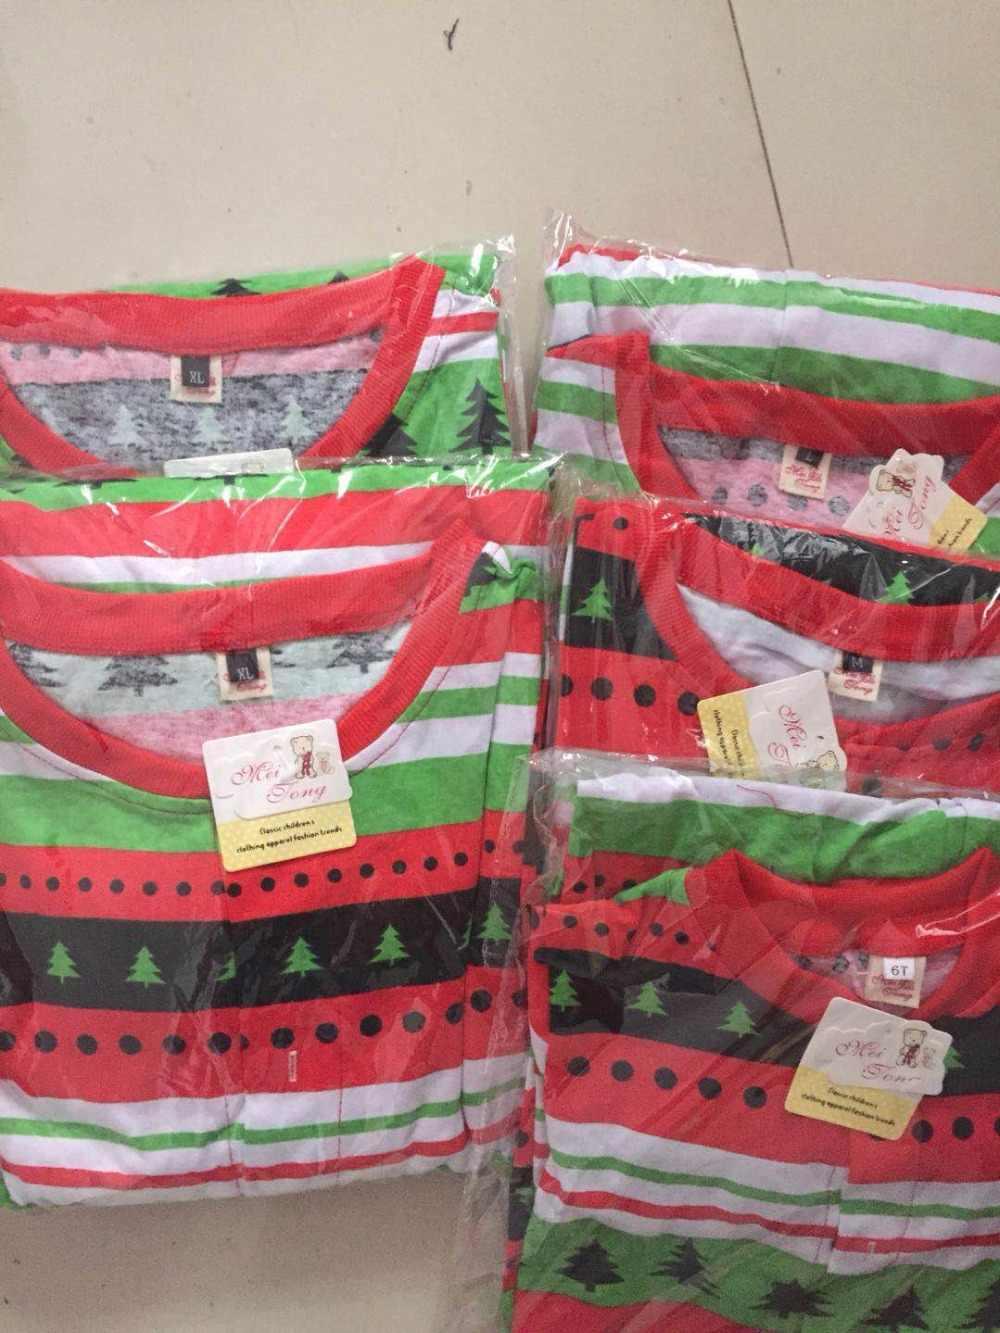 ครอบครัวดู Onesies ชุดนอนคริสต์มาสครอบครัวชุดแม่ลูกสาวลูกชายพ่อเสื้อผ้าเด็กคริสต์มาสครอบครัวชุดนอน